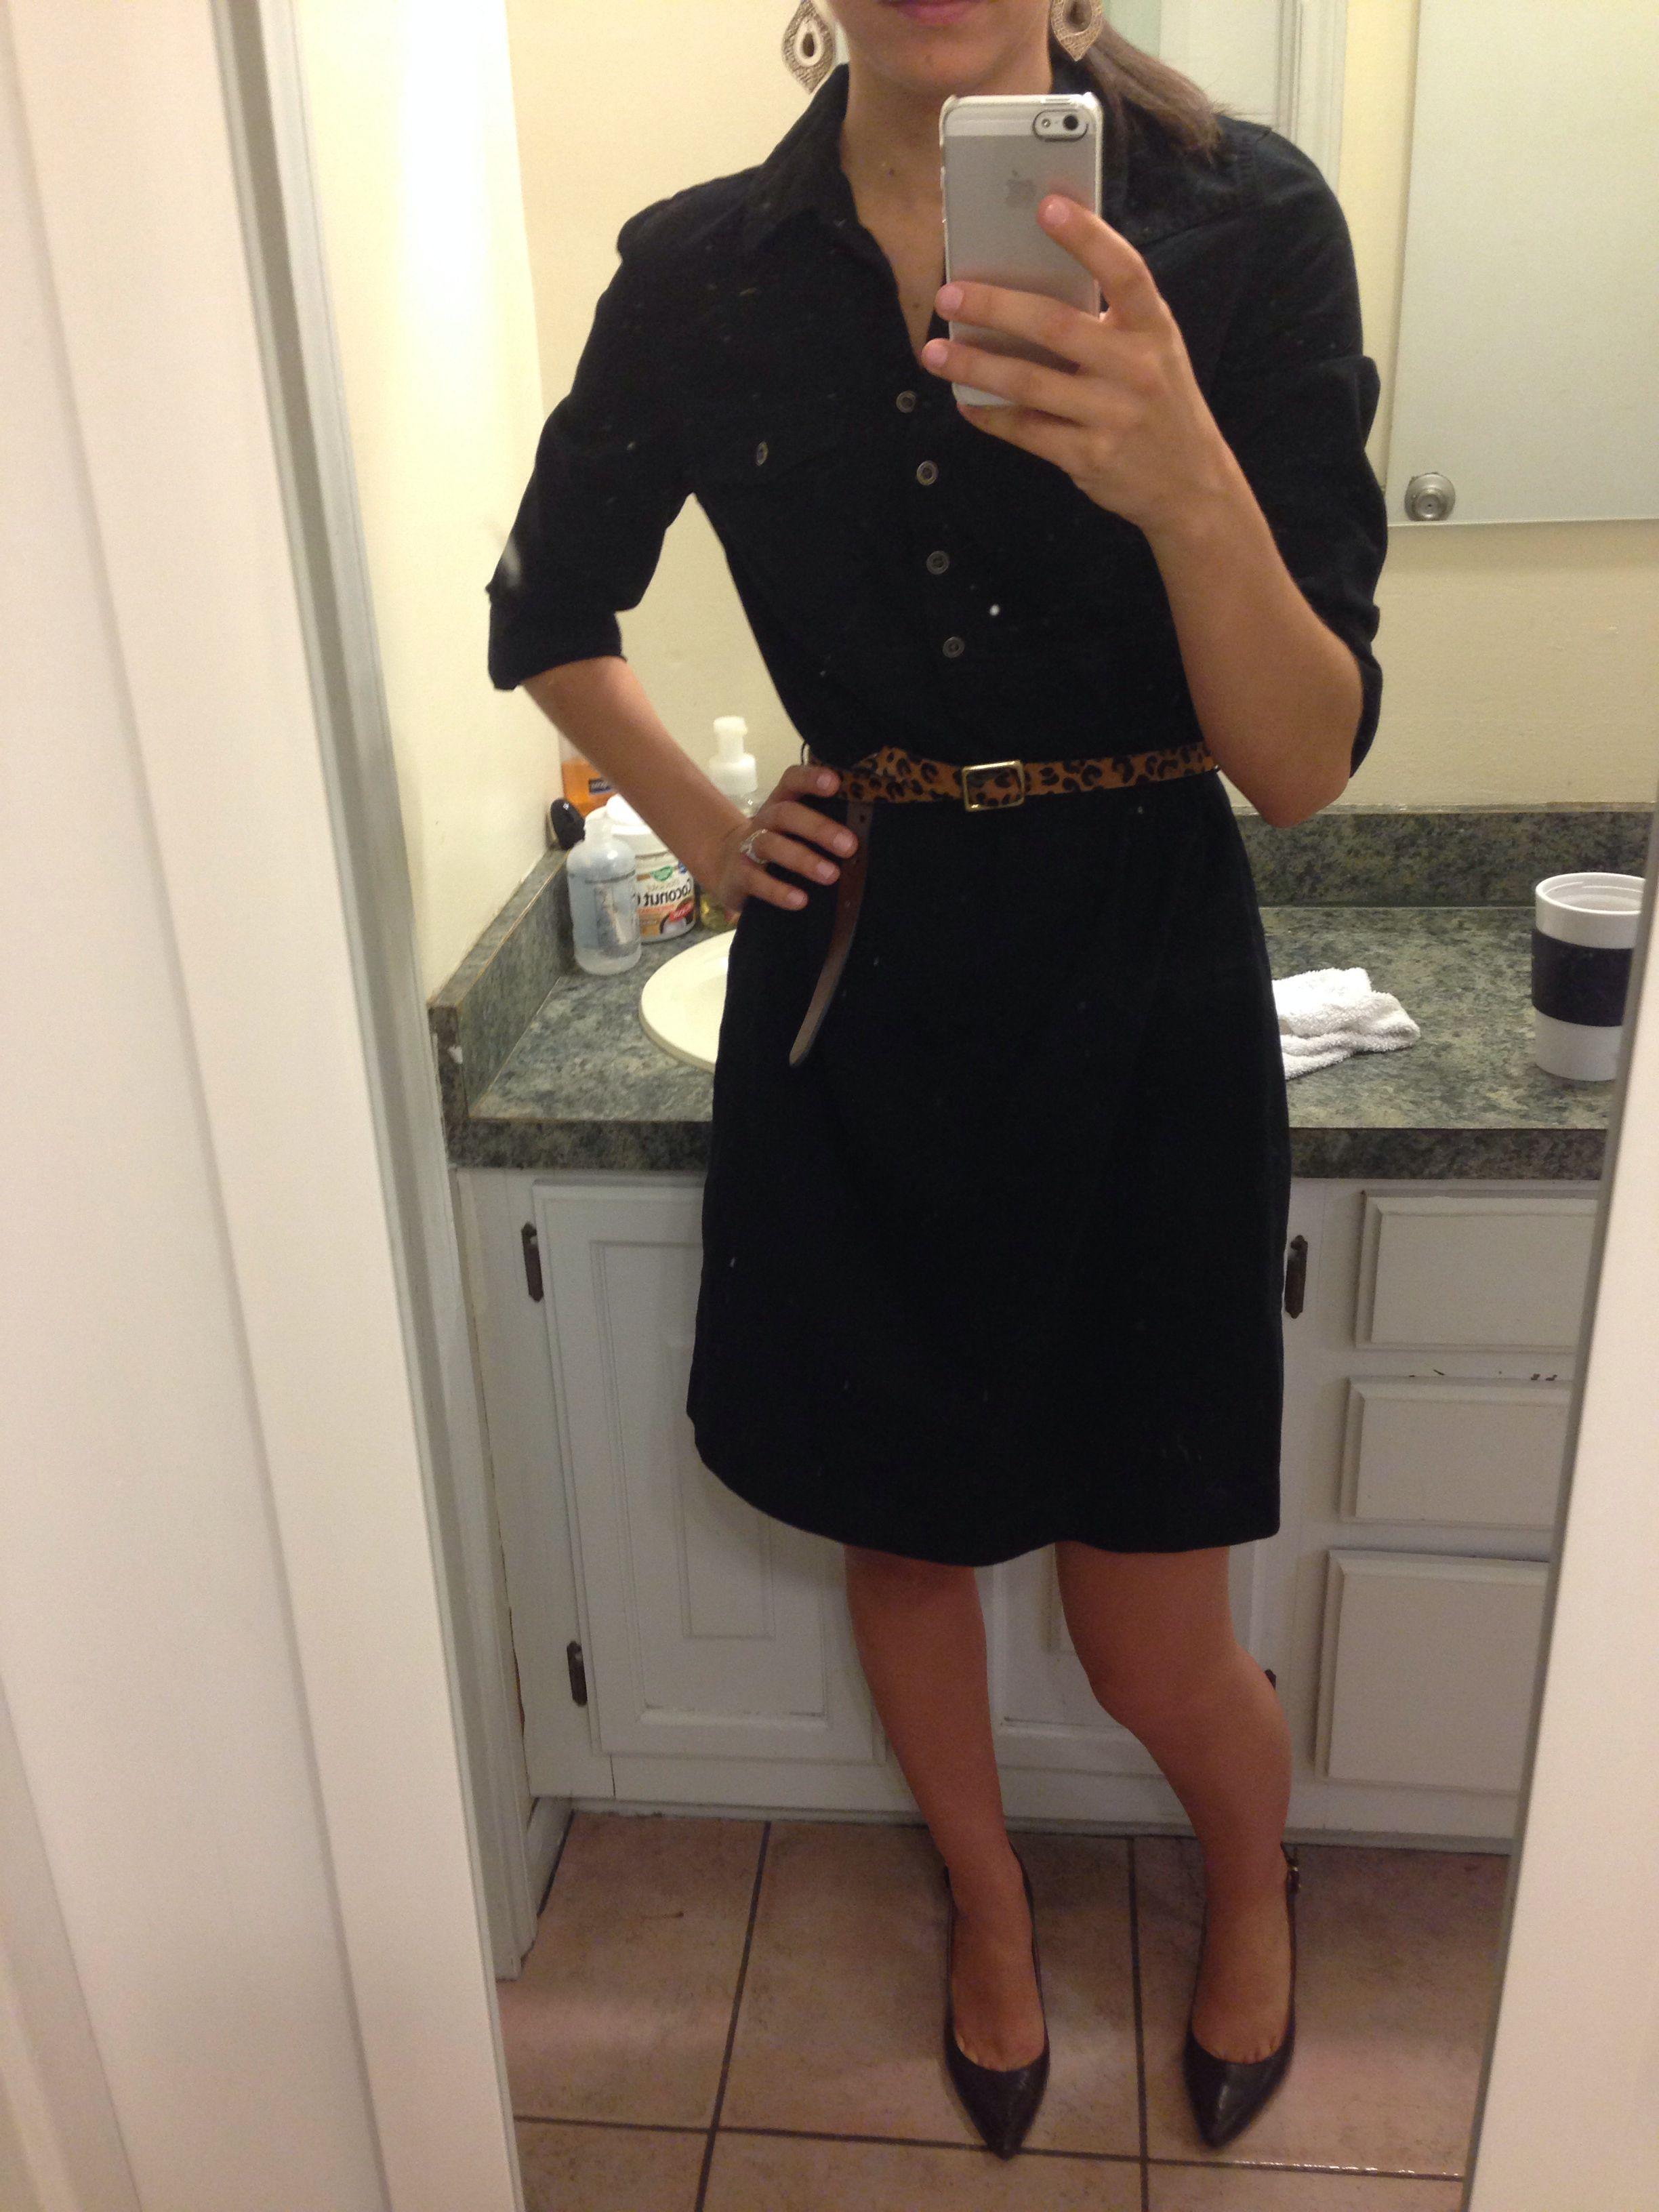 Black Shirt Dress Leopard Skinny Belt Black Pumps Business Casual Work Wear Outfit Work Wear Outfits Casual Work Wear Black Shirt Dress [ 3264 x 2448 Pixel ]